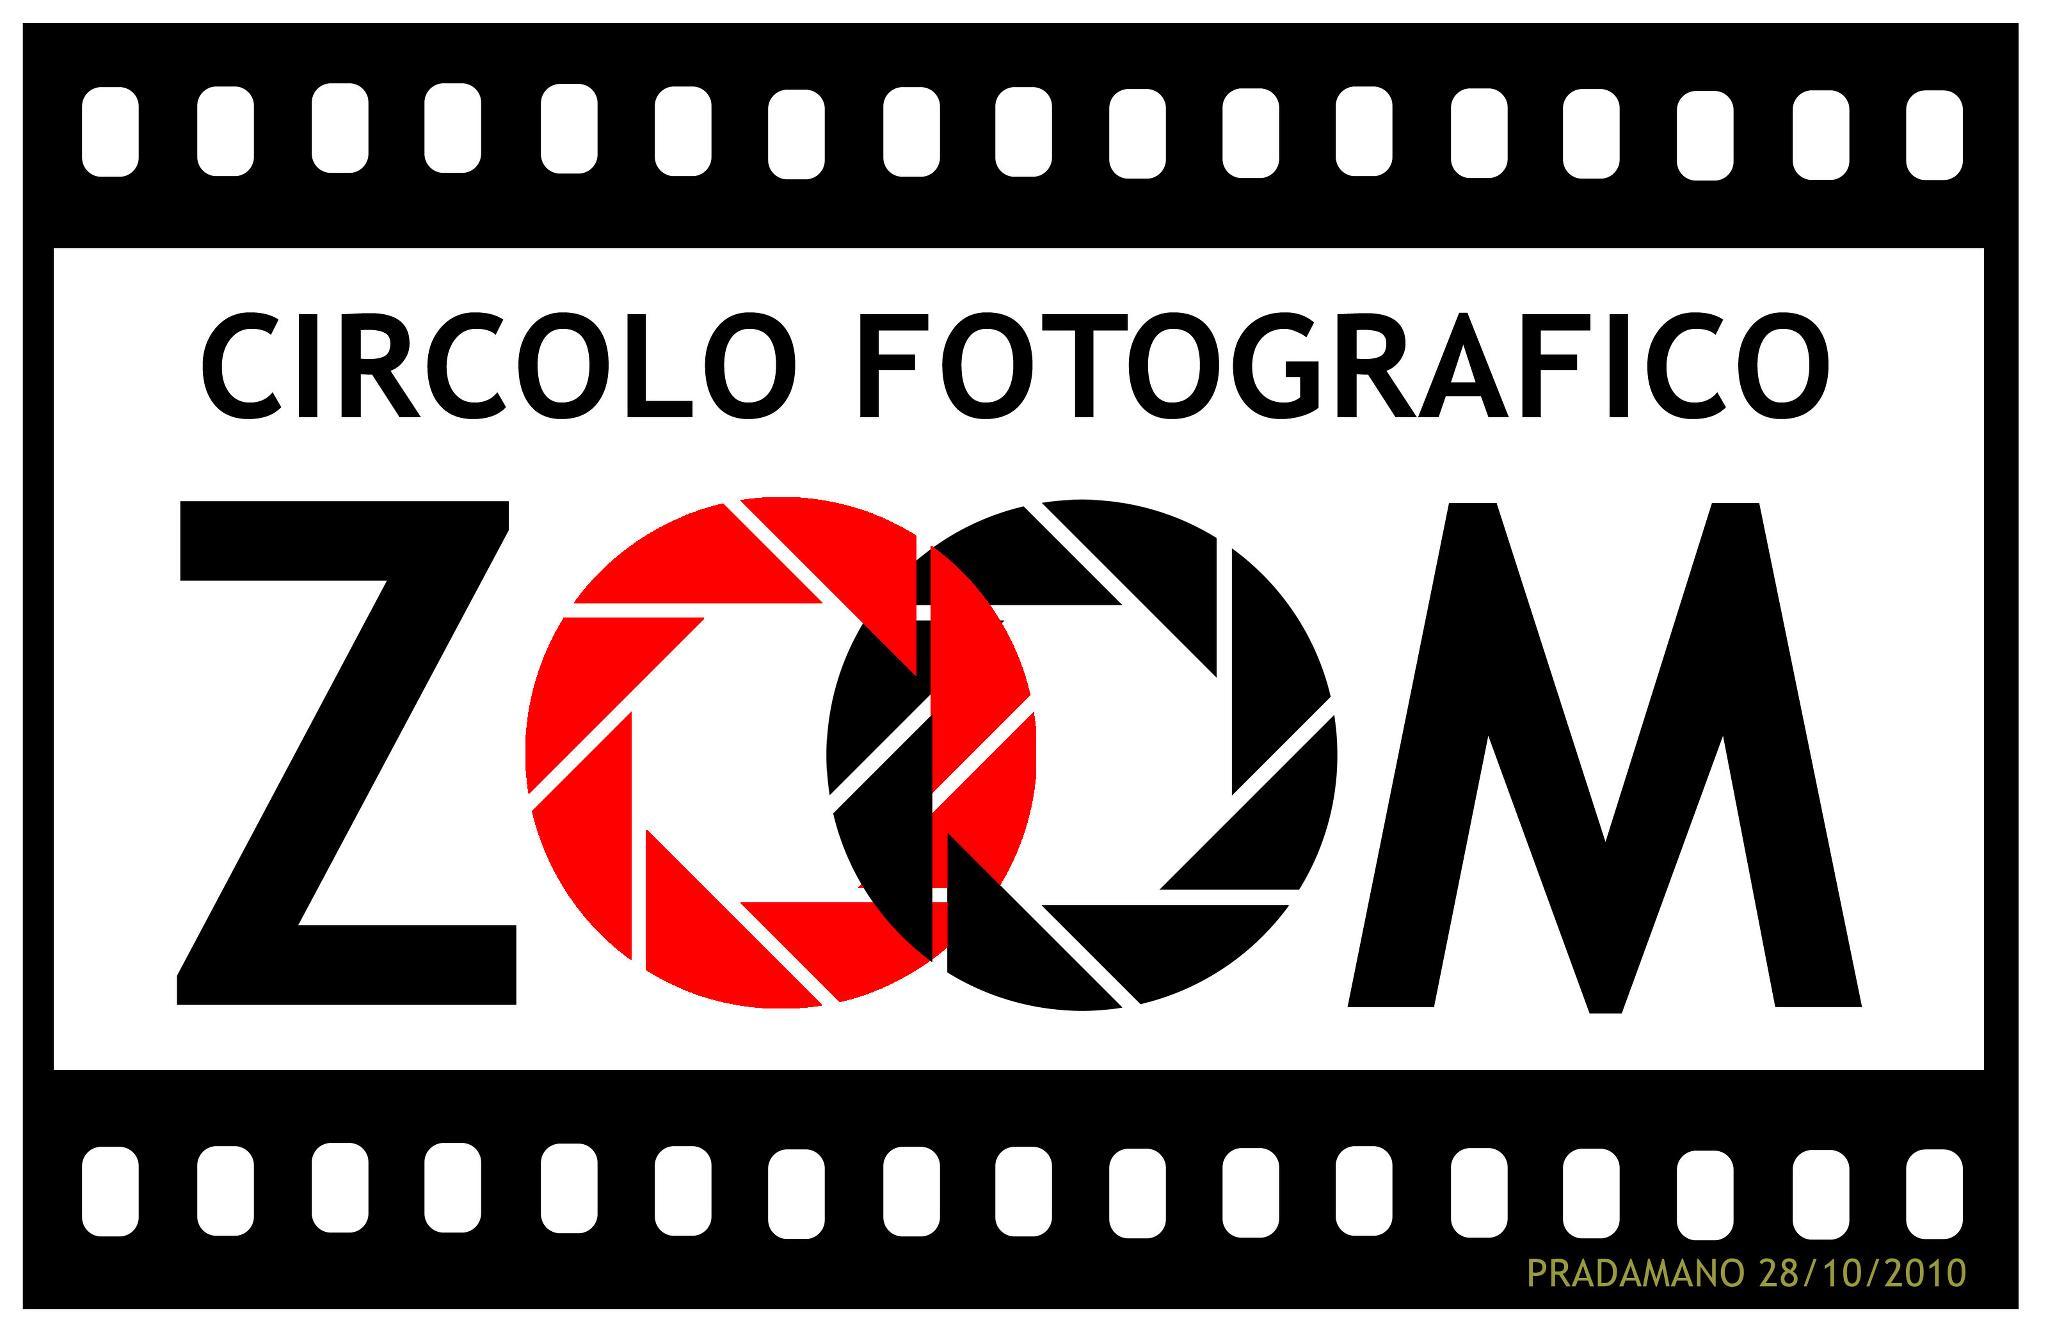 Circolo Fotografico Zoom